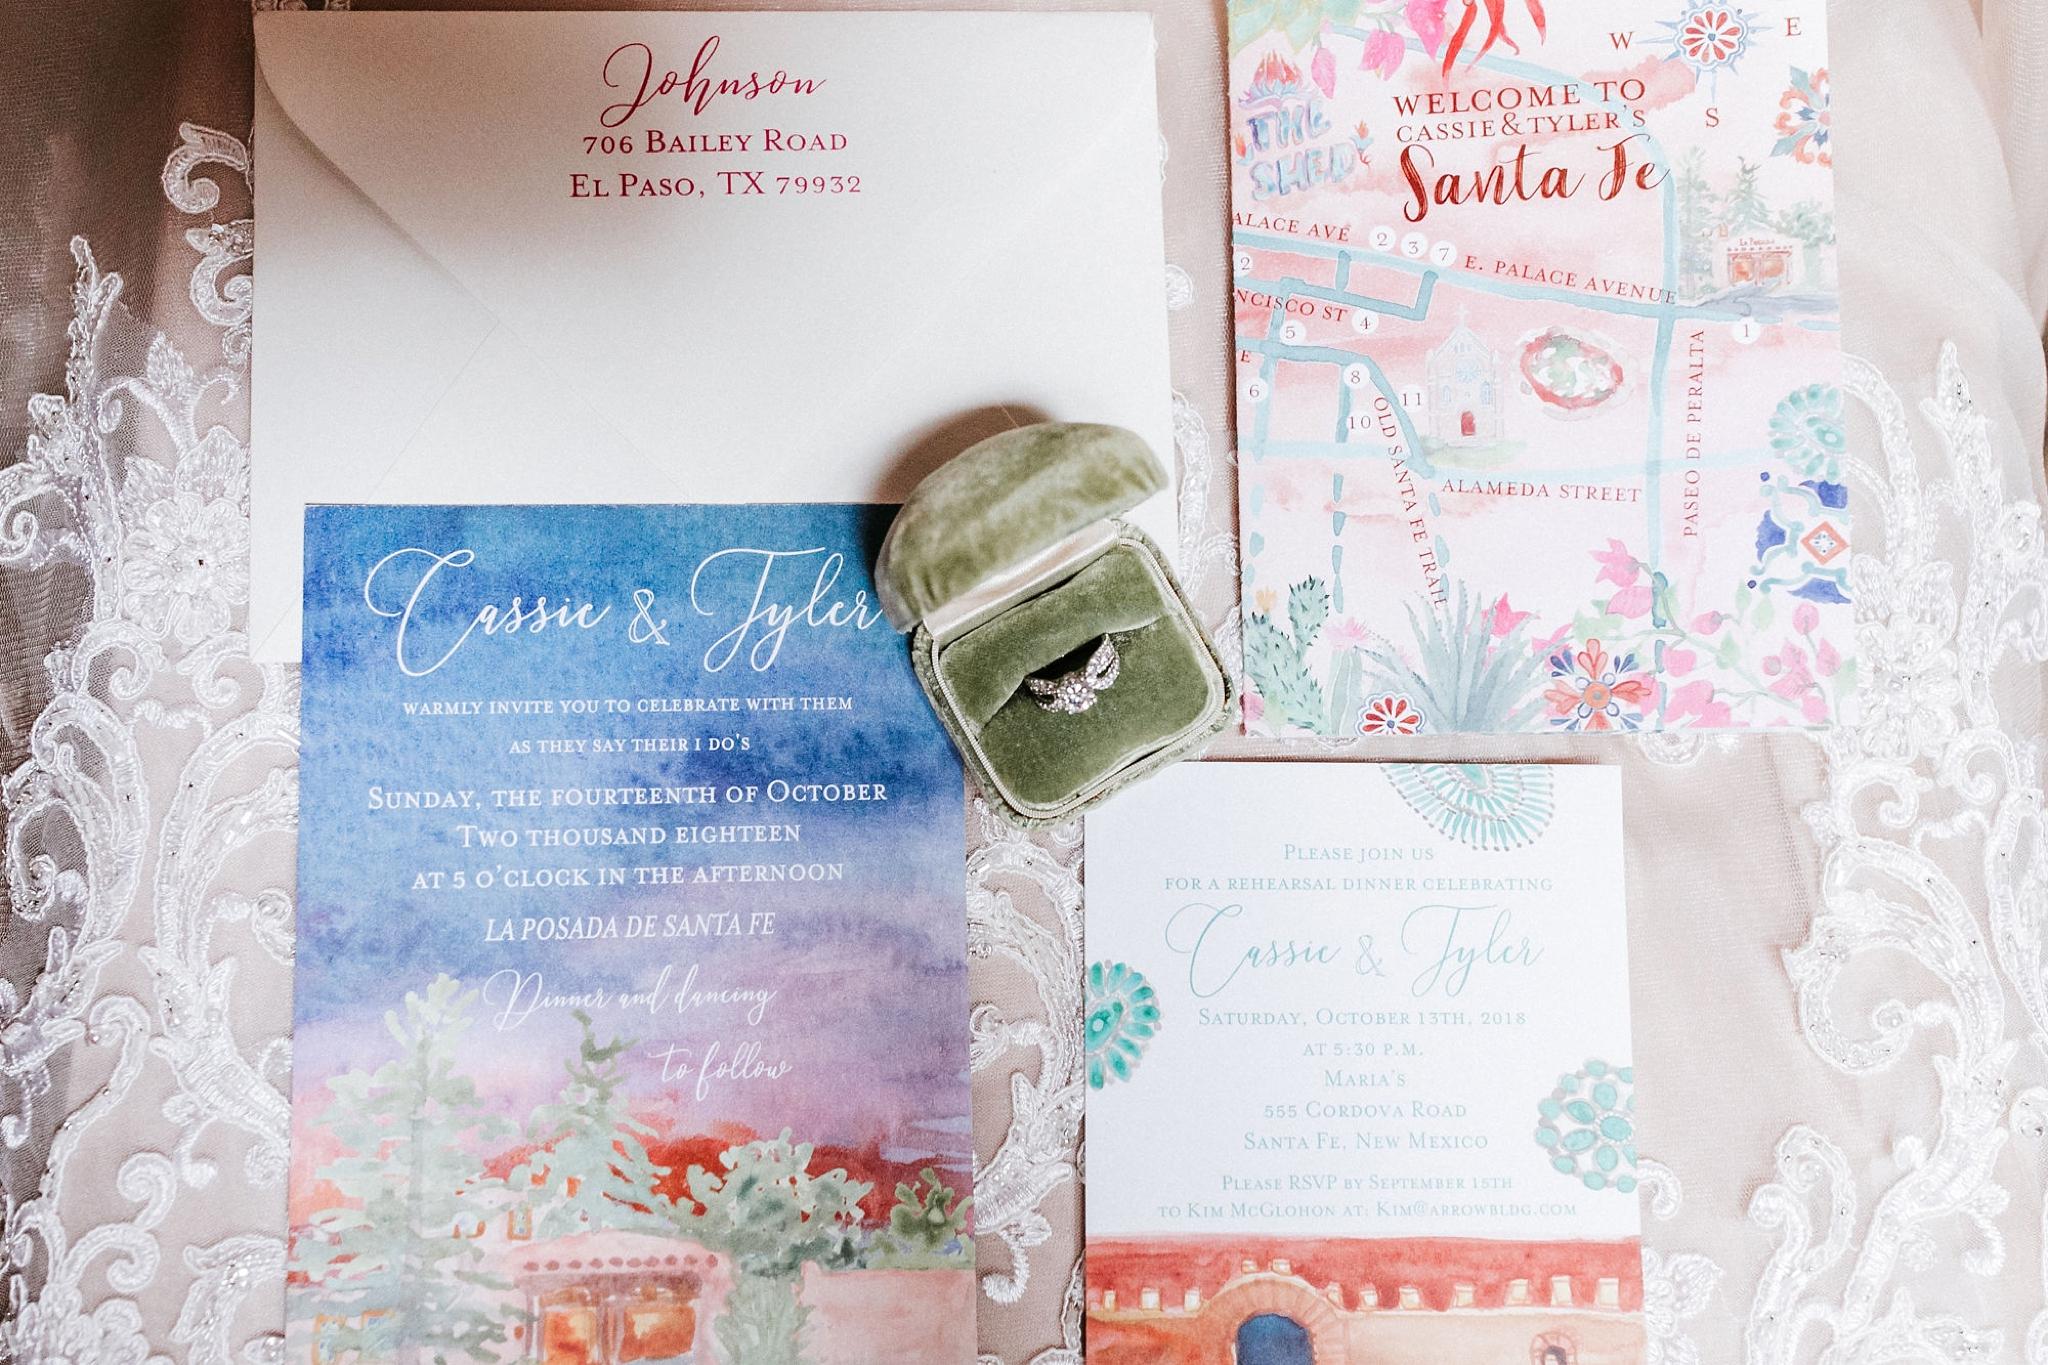 Alicia+lucia+photography+-+albuquerque+wedding+photographer+-+santa+fe+wedding+photography+-+new+mexico+wedding+photographer+-+new+mexico+wedding+-+wedding+invitations+-+invitation+suite+-+wedding+inspo_0019.jpg